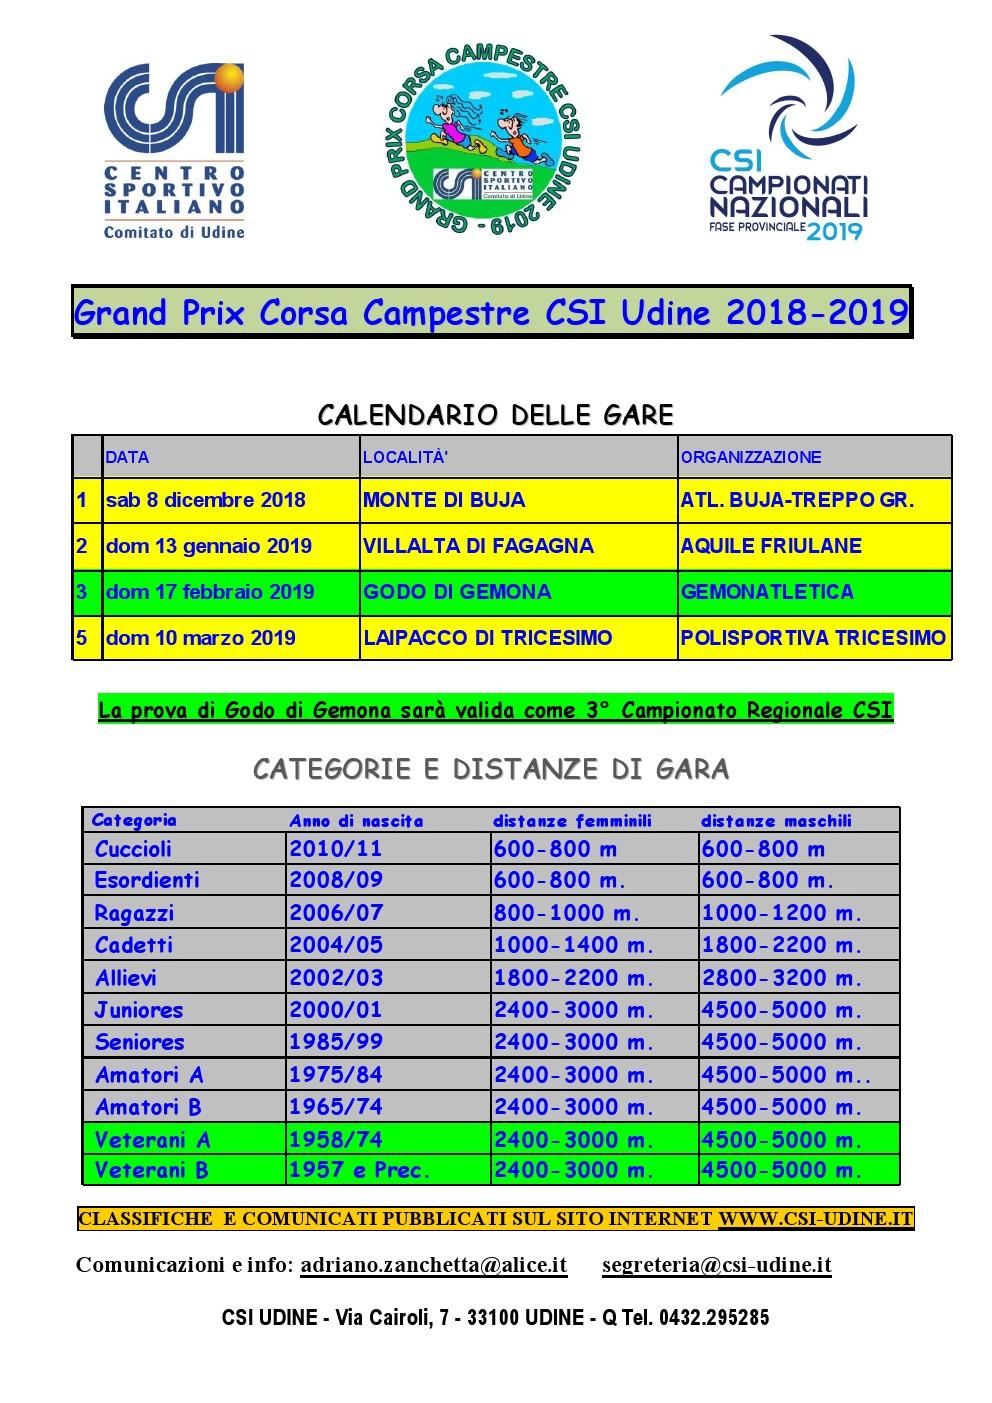 Calendario Csi.Il Calendario Delle Campestri Del Csi Comitato Di Udine Per